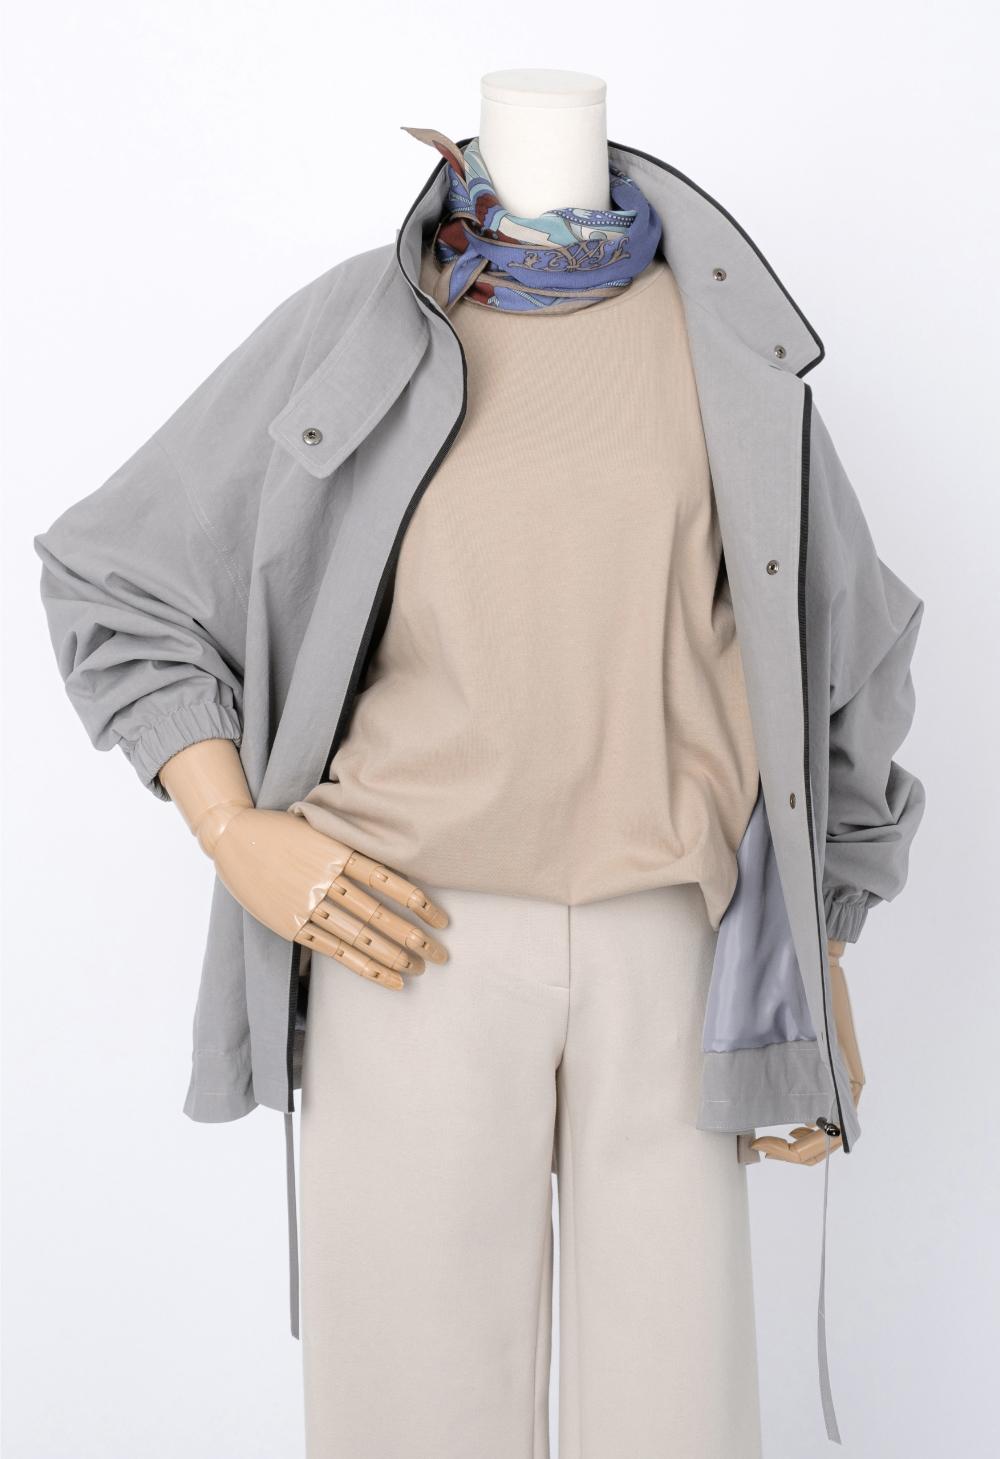 재킷 모델 착용 이미지-S1L6